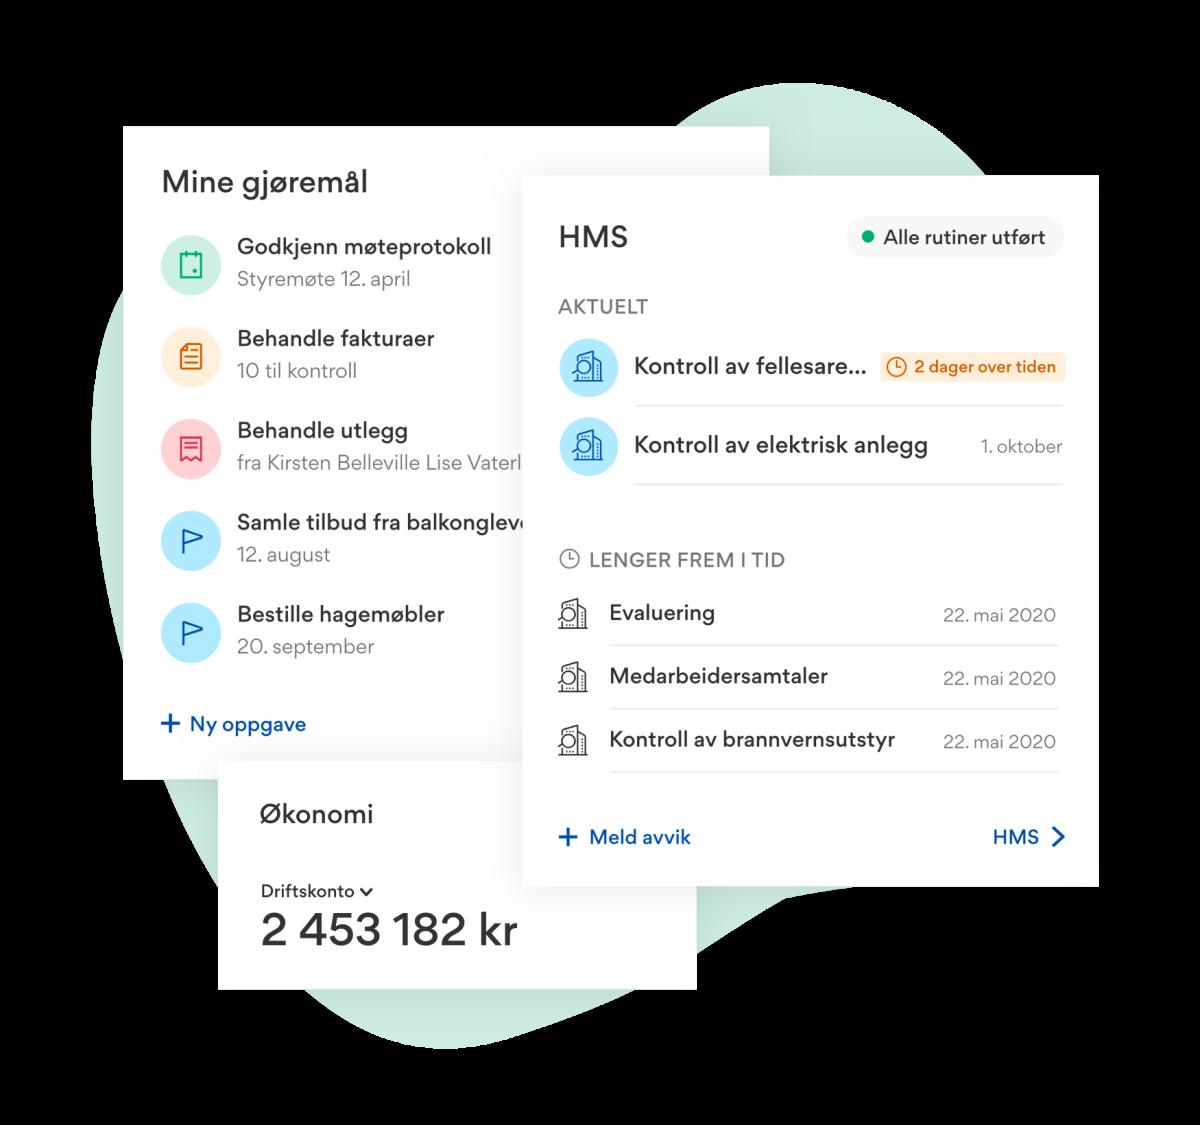 Illustrasjon som viser brukerens gjøremål i lister